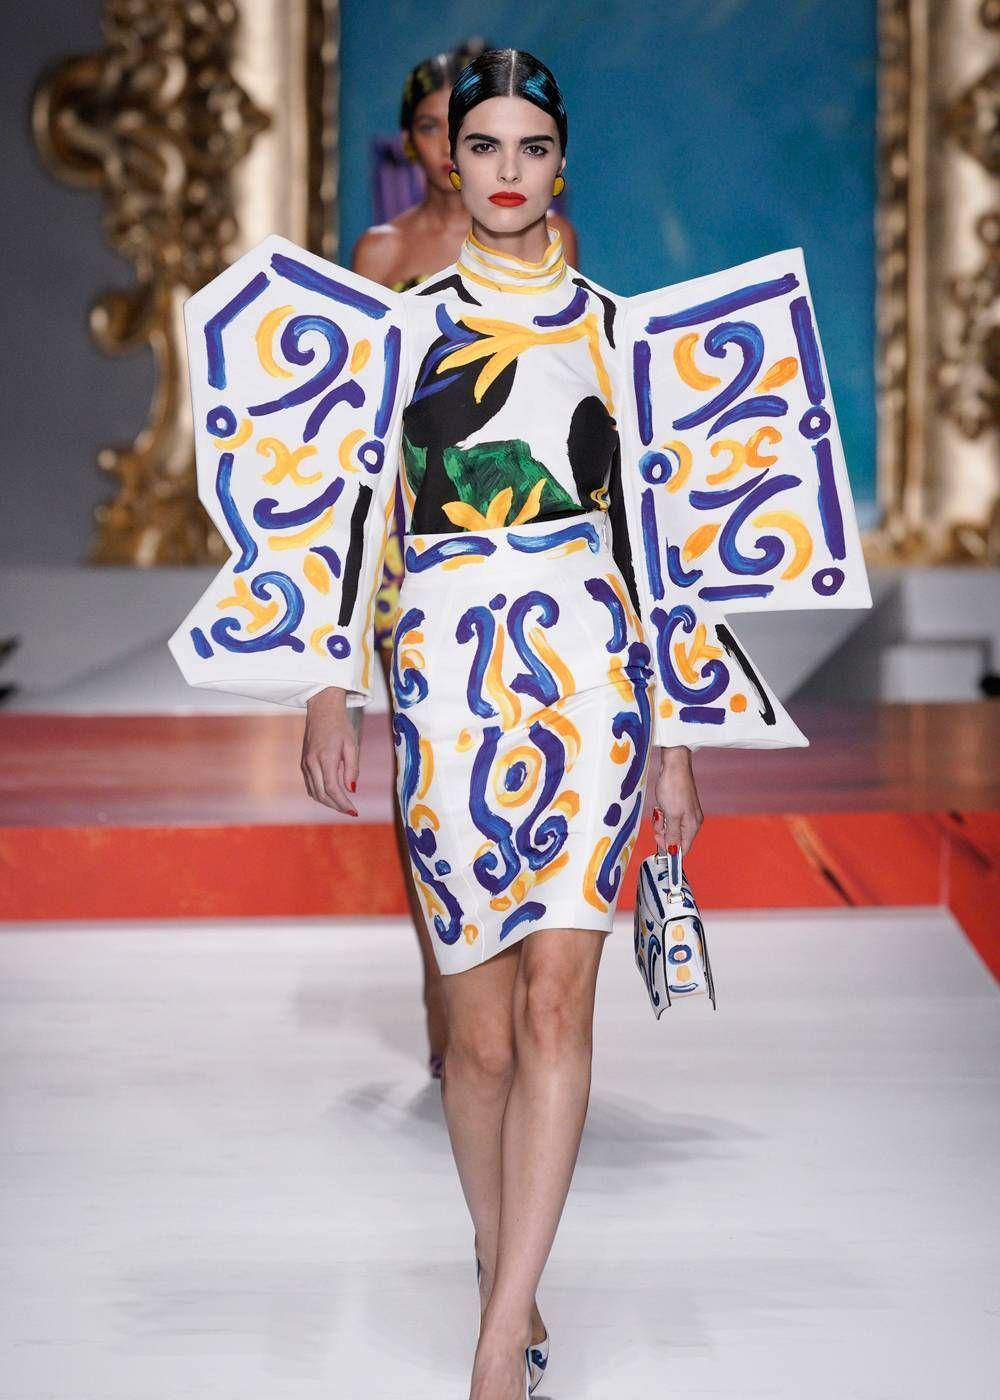 莫斯奇诺将毕加索这一元素加入衣服中,怪诞又个性!